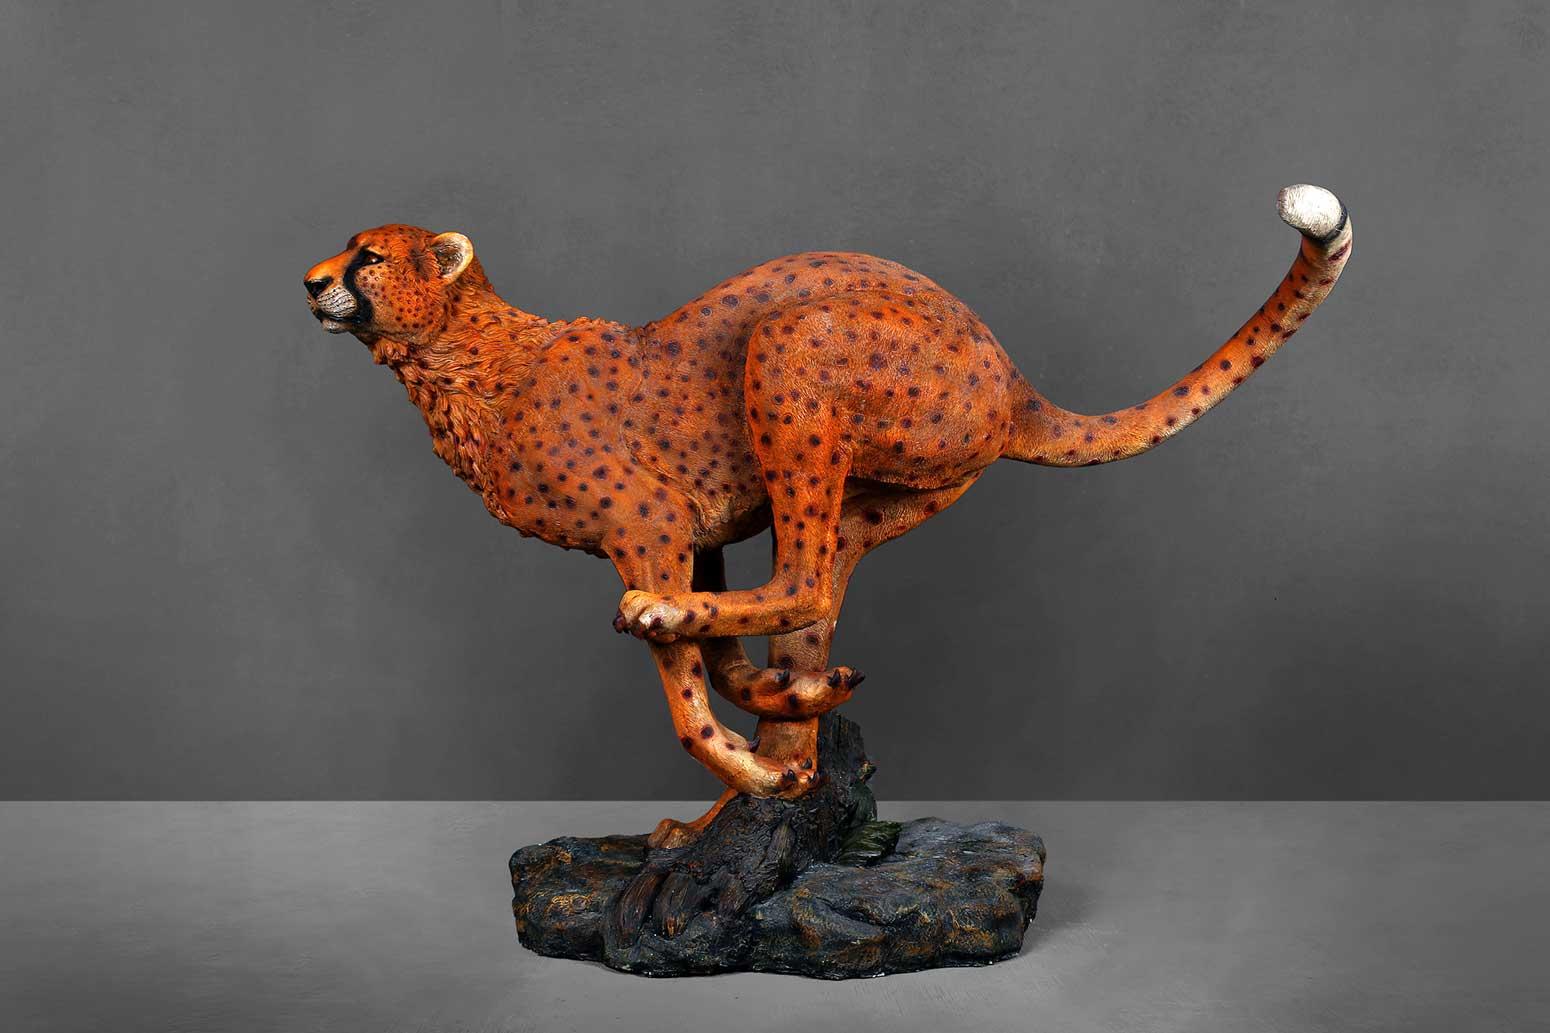 教育文化雕塑-四川大匠艺塑环境景观设计有限公司